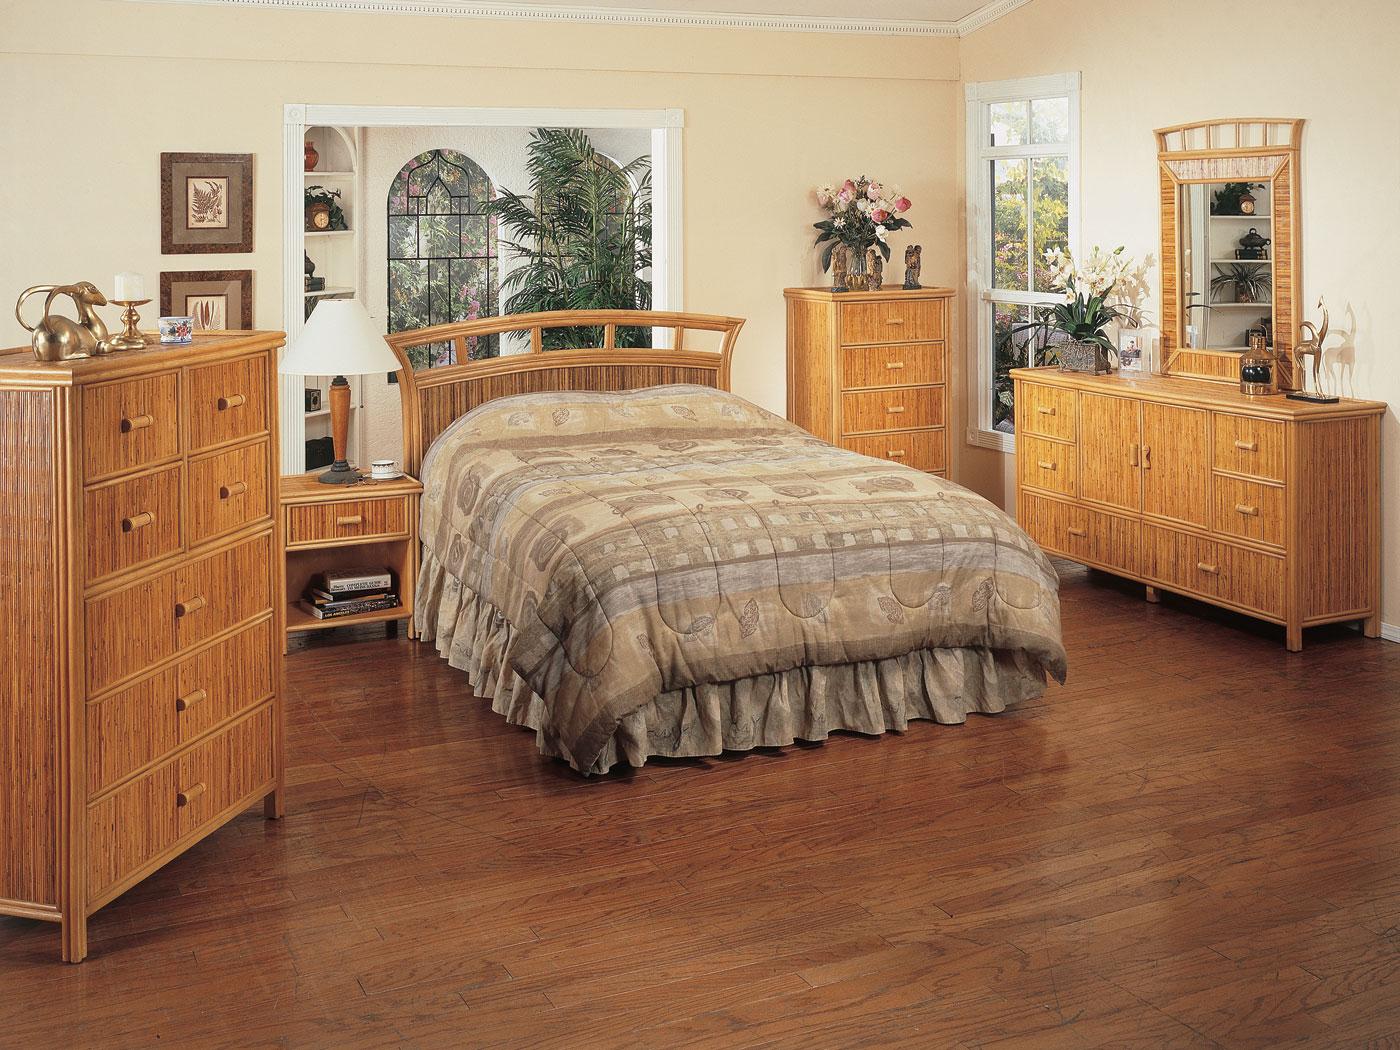 baja bedroom set